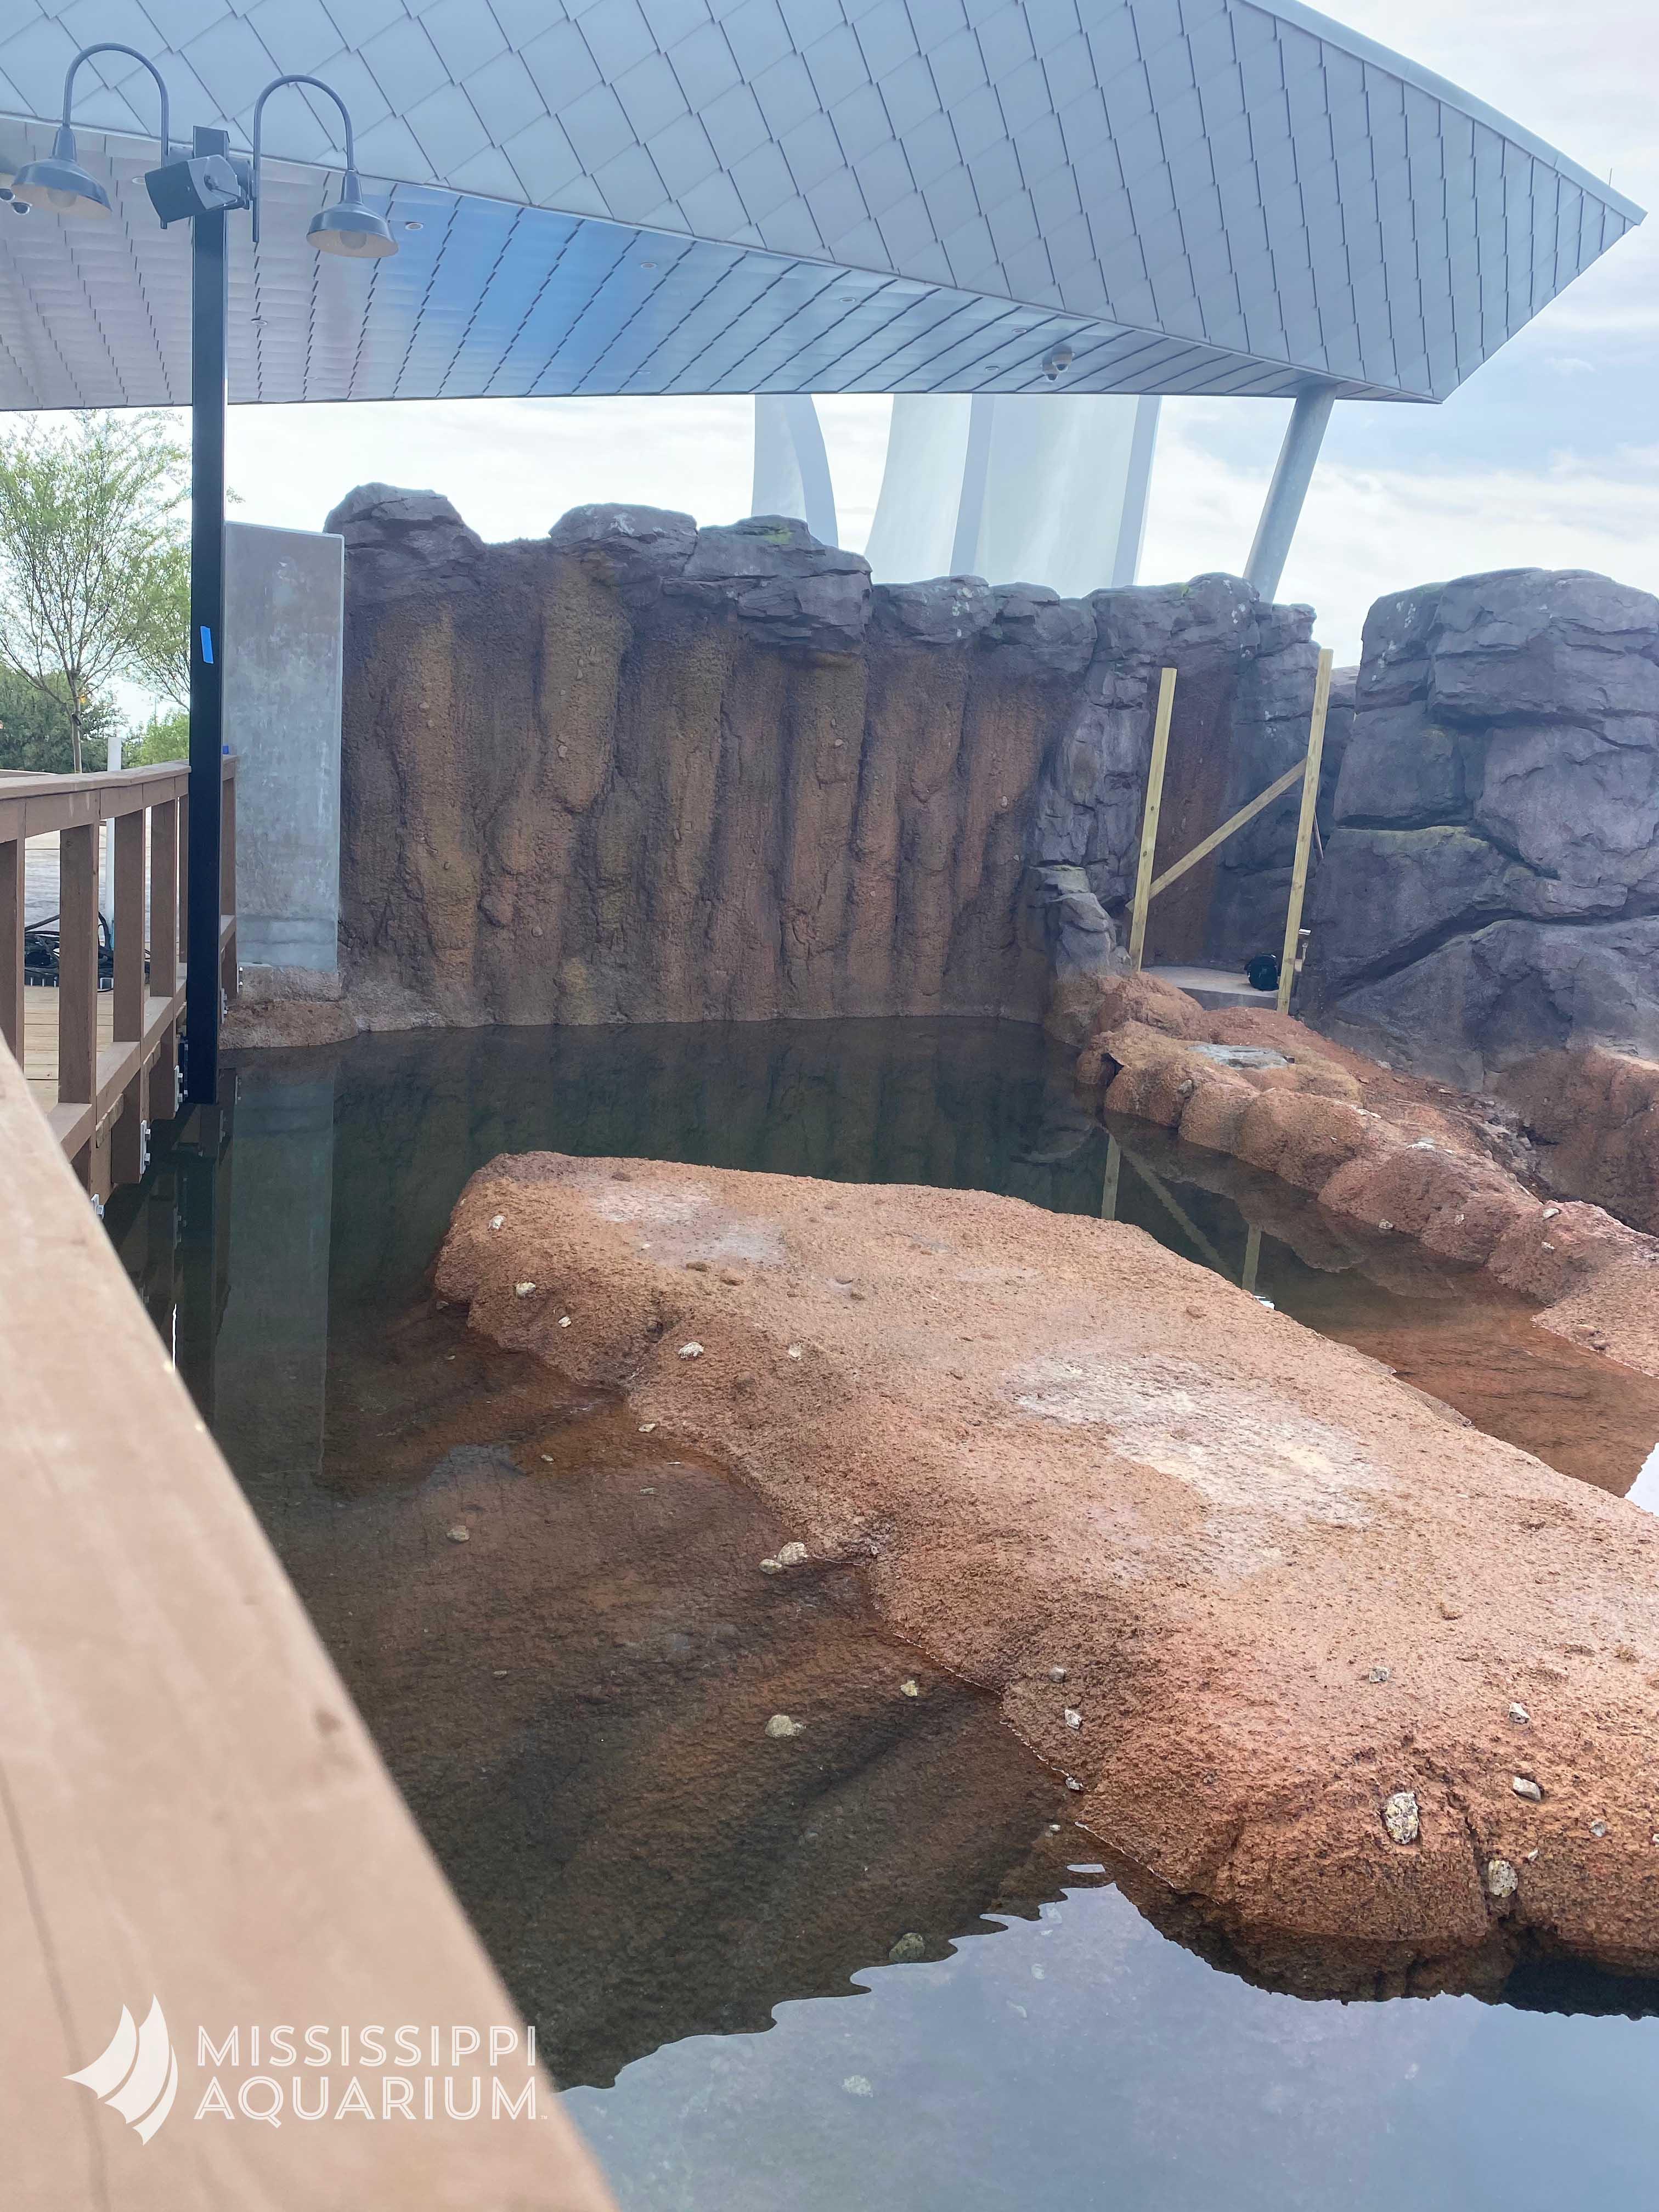 Mississippi Aquarium Alligator